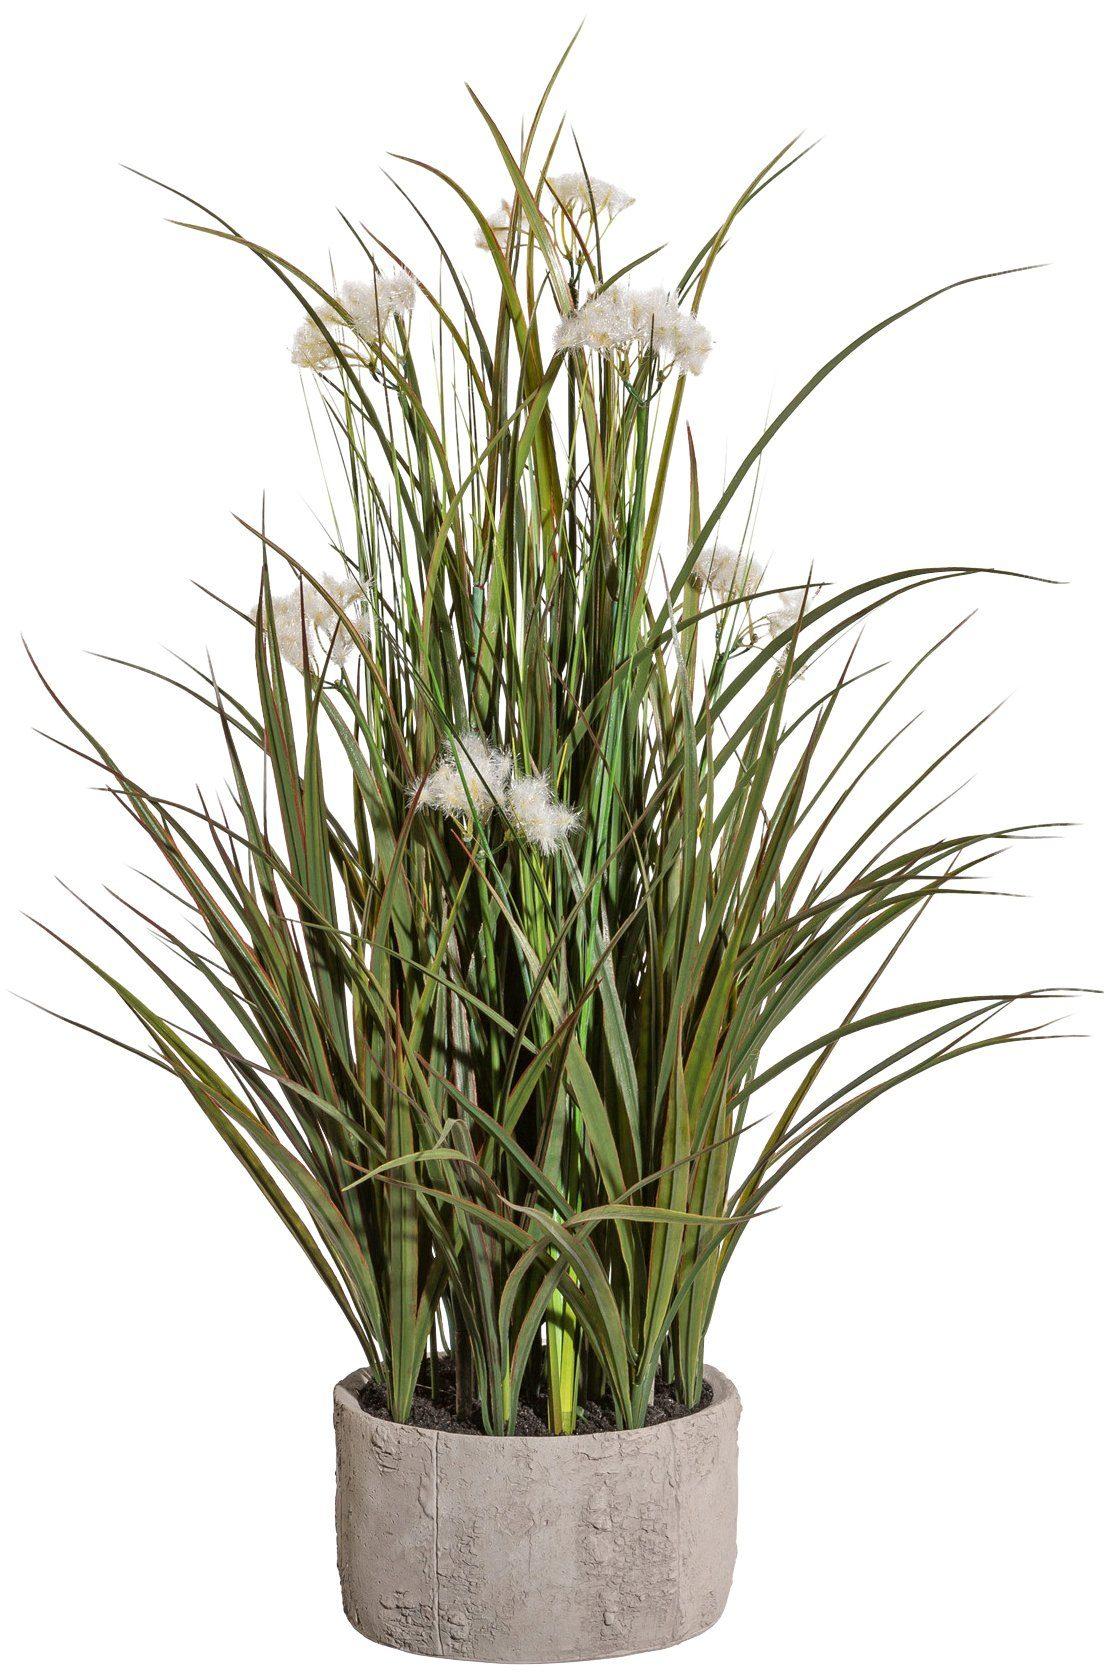 Kunstpflanze »Miscanthusgras mit Pusteblumen«, in Zementschale, Höhe 75 cm, weiß